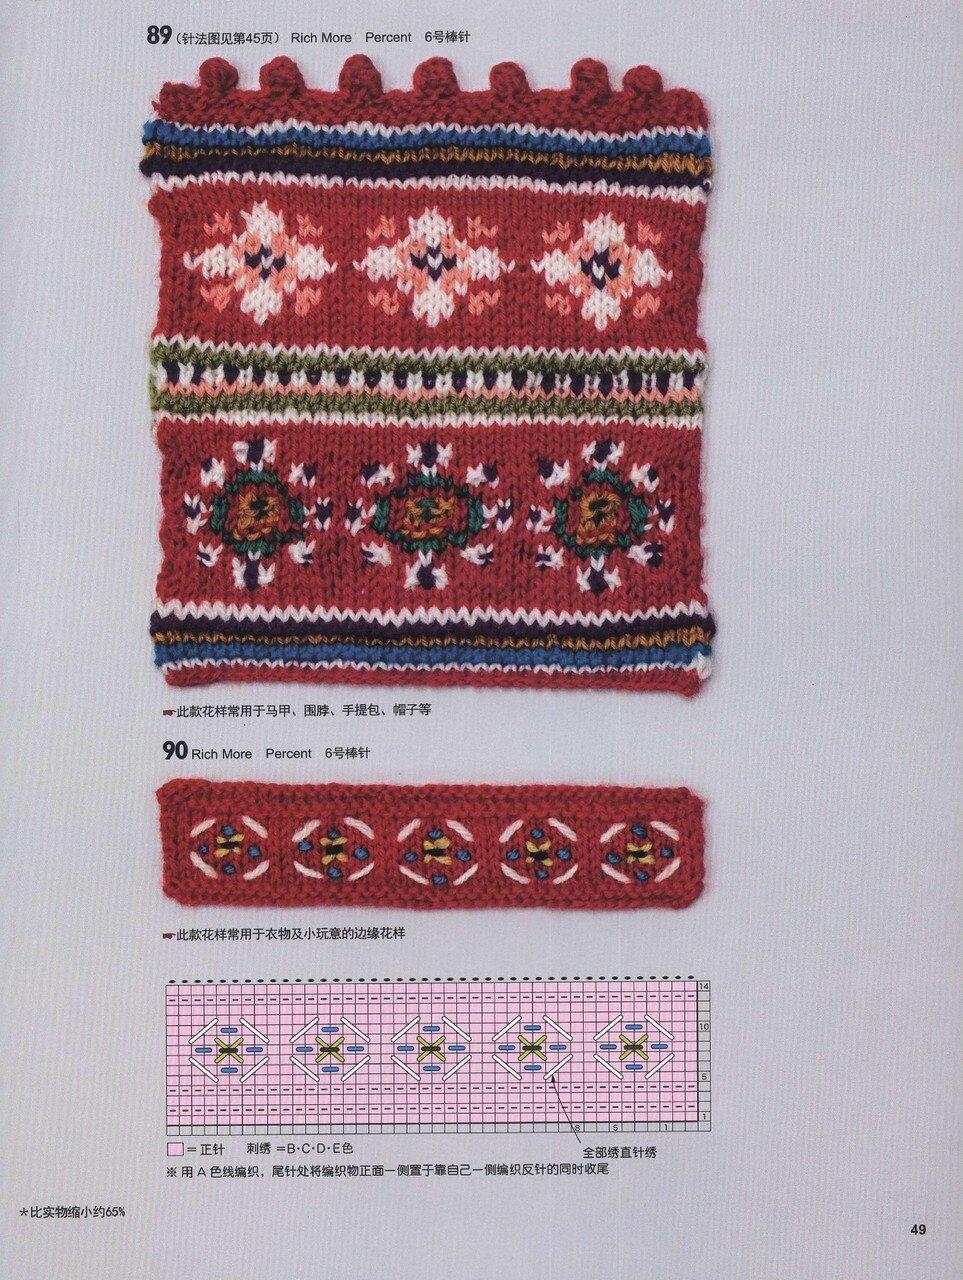 150 Knitting_51.jpg